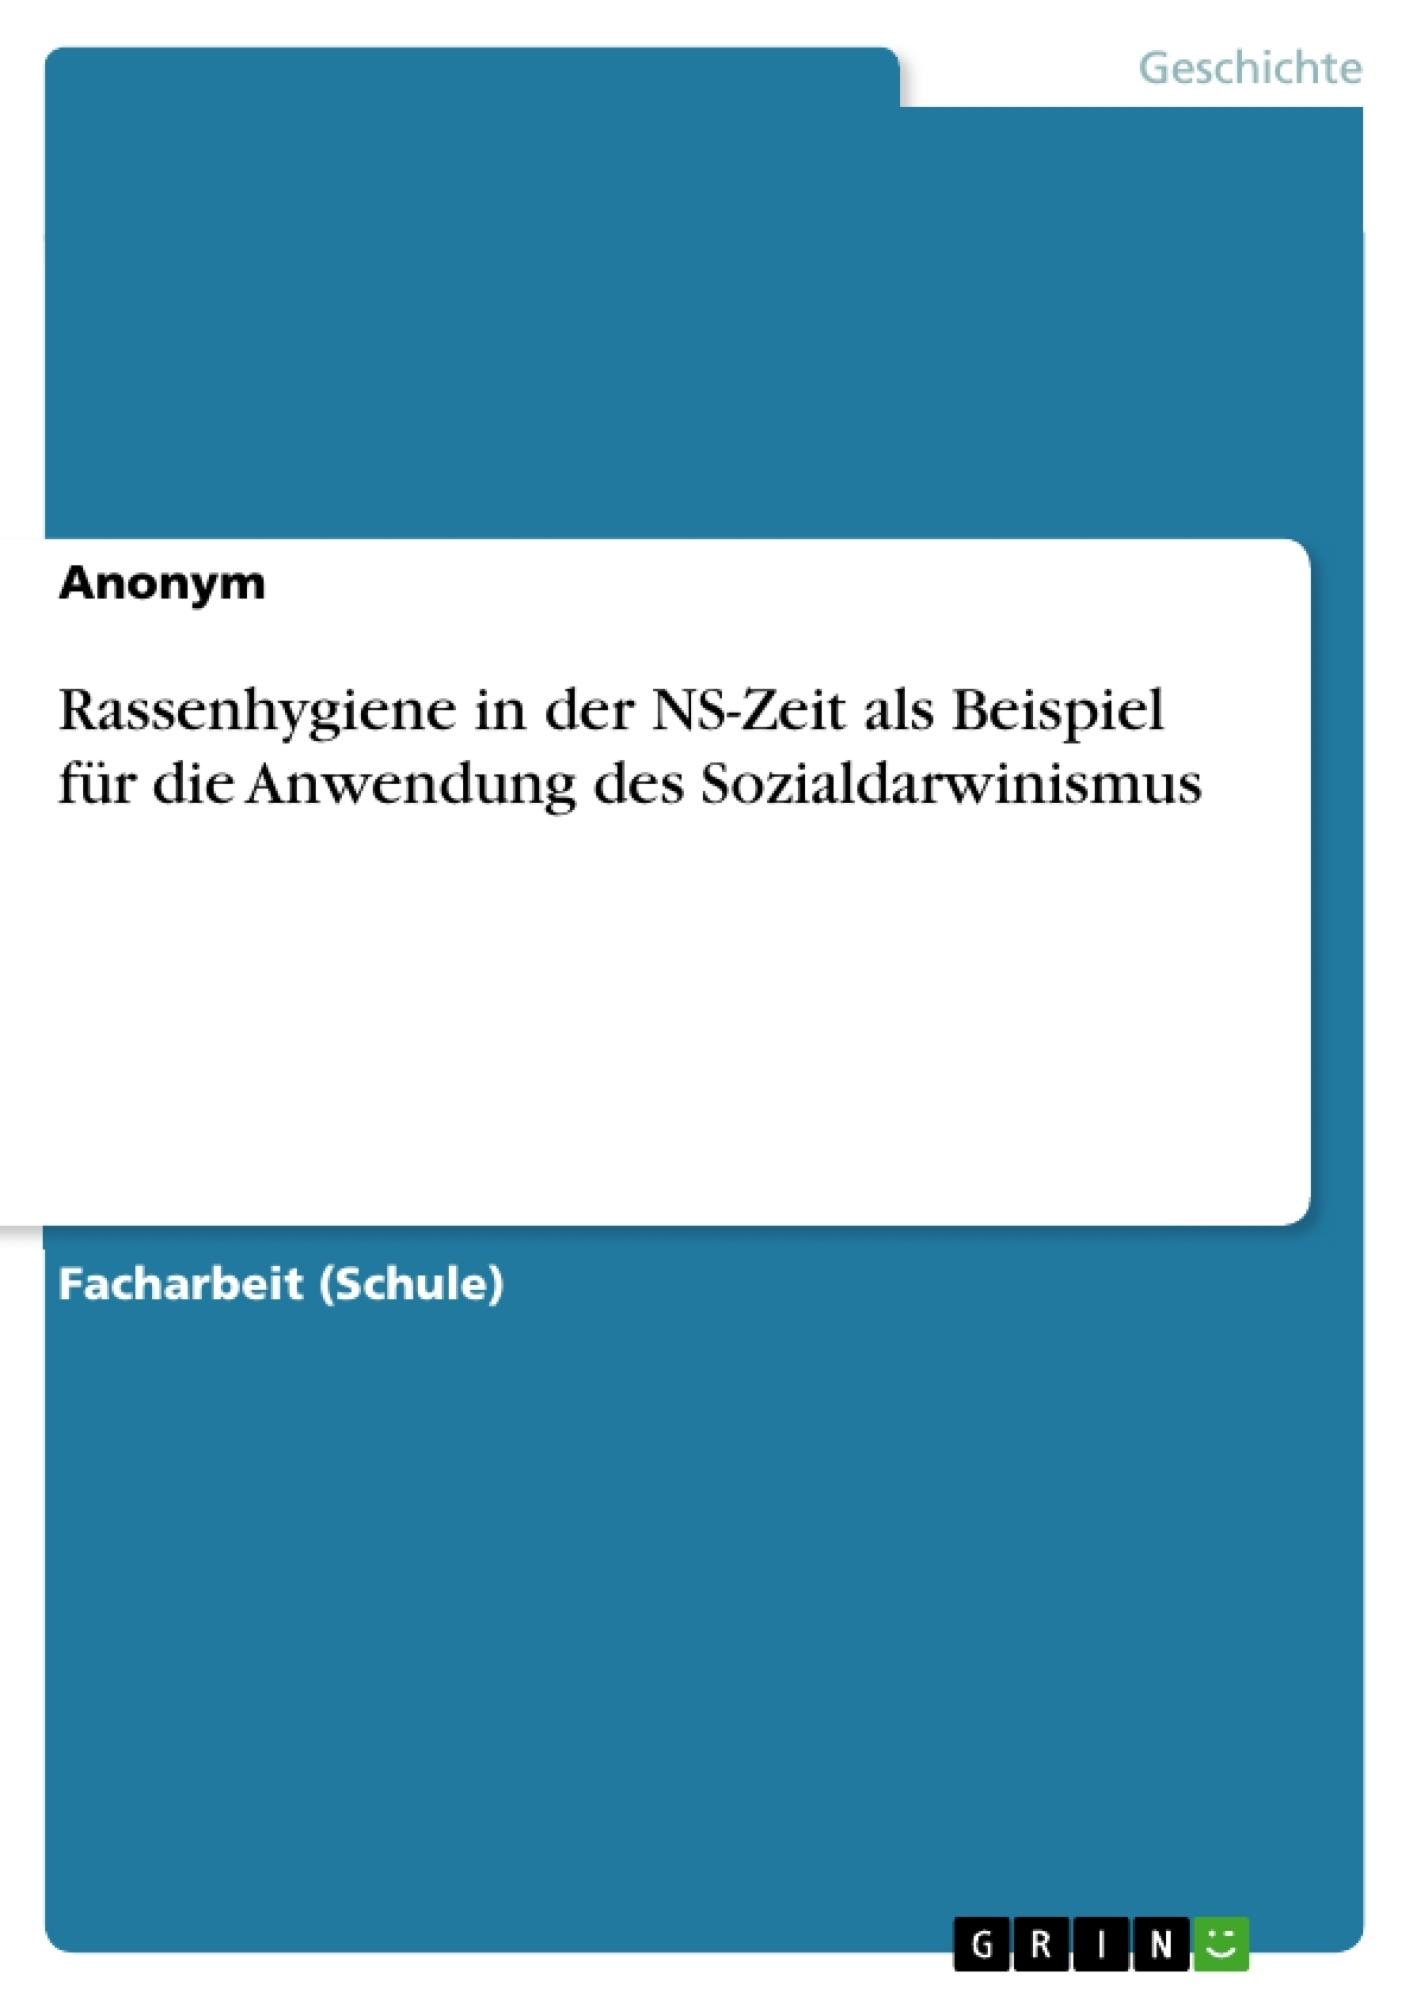 Titel: Rassenhygiene in der NS-Zeit als Beispiel für die Anwendung des Sozialdarwinismus